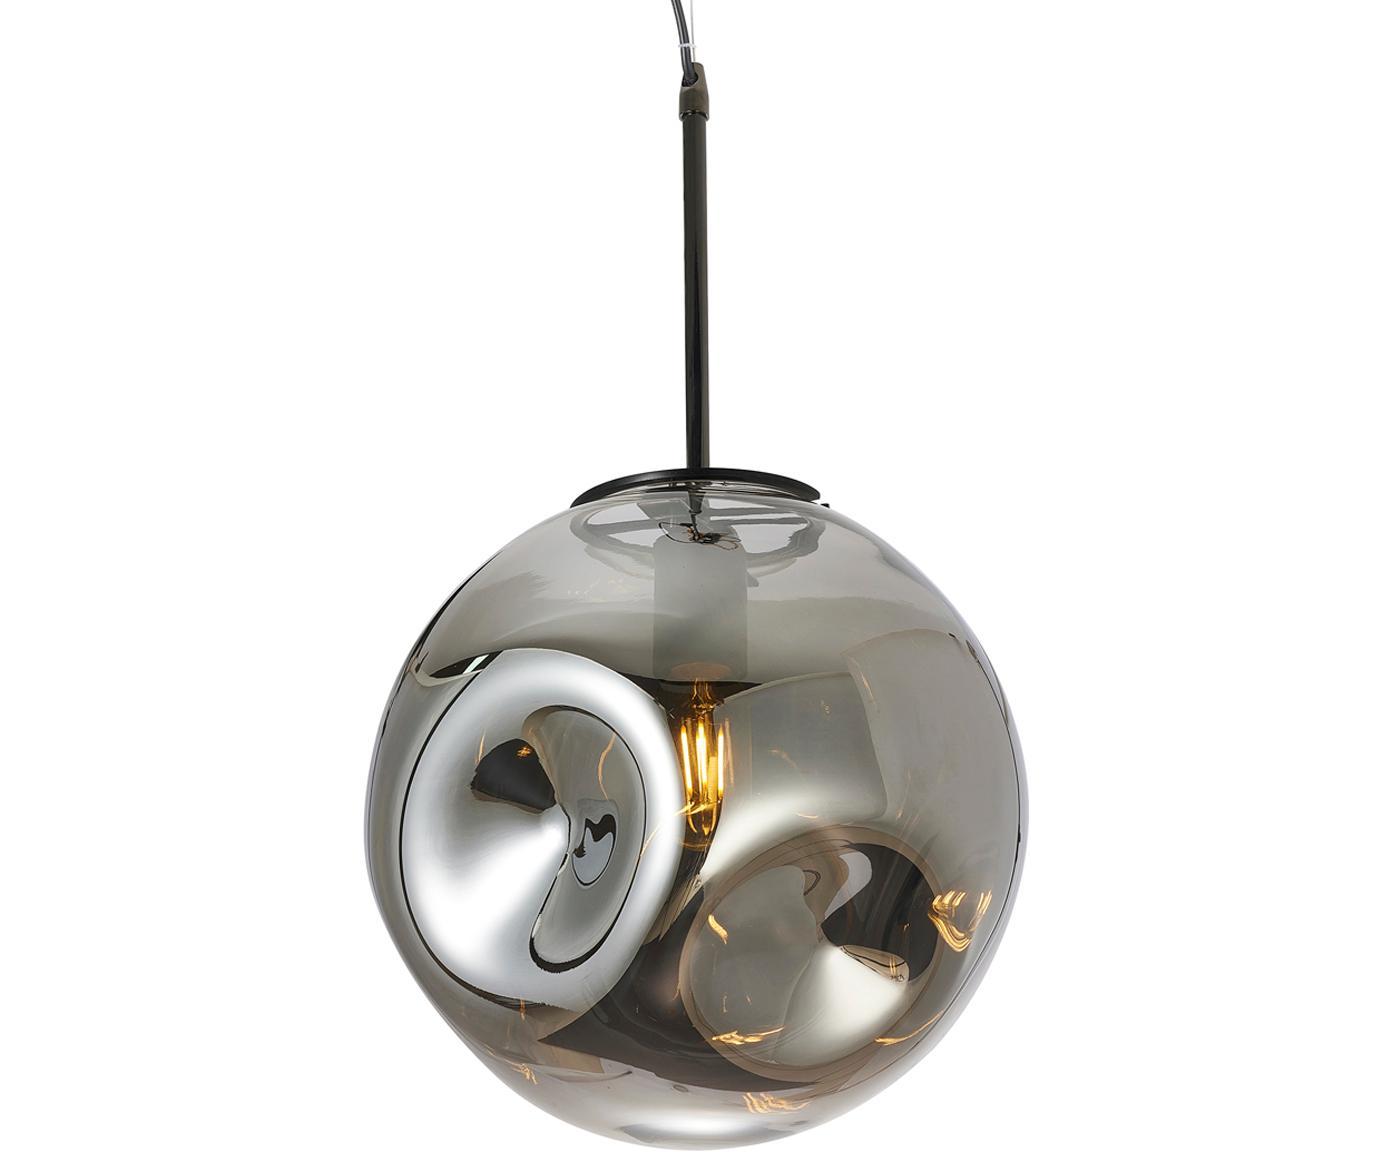 Pendelleuchte Blown aus Glas, Lampenschirm: Glas, Grau, Schwarz, Ø 30 x H 30 cm